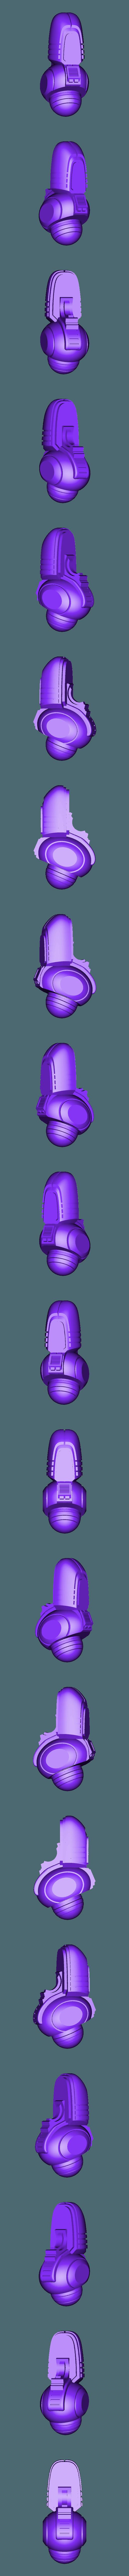 1-100th Defender Layout-HighRez-LowerLeg1.stl Télécharger fichier STL gratuit 1/100e de l'échelle Defender Mech • Design pour imprimante 3D, johnbearross